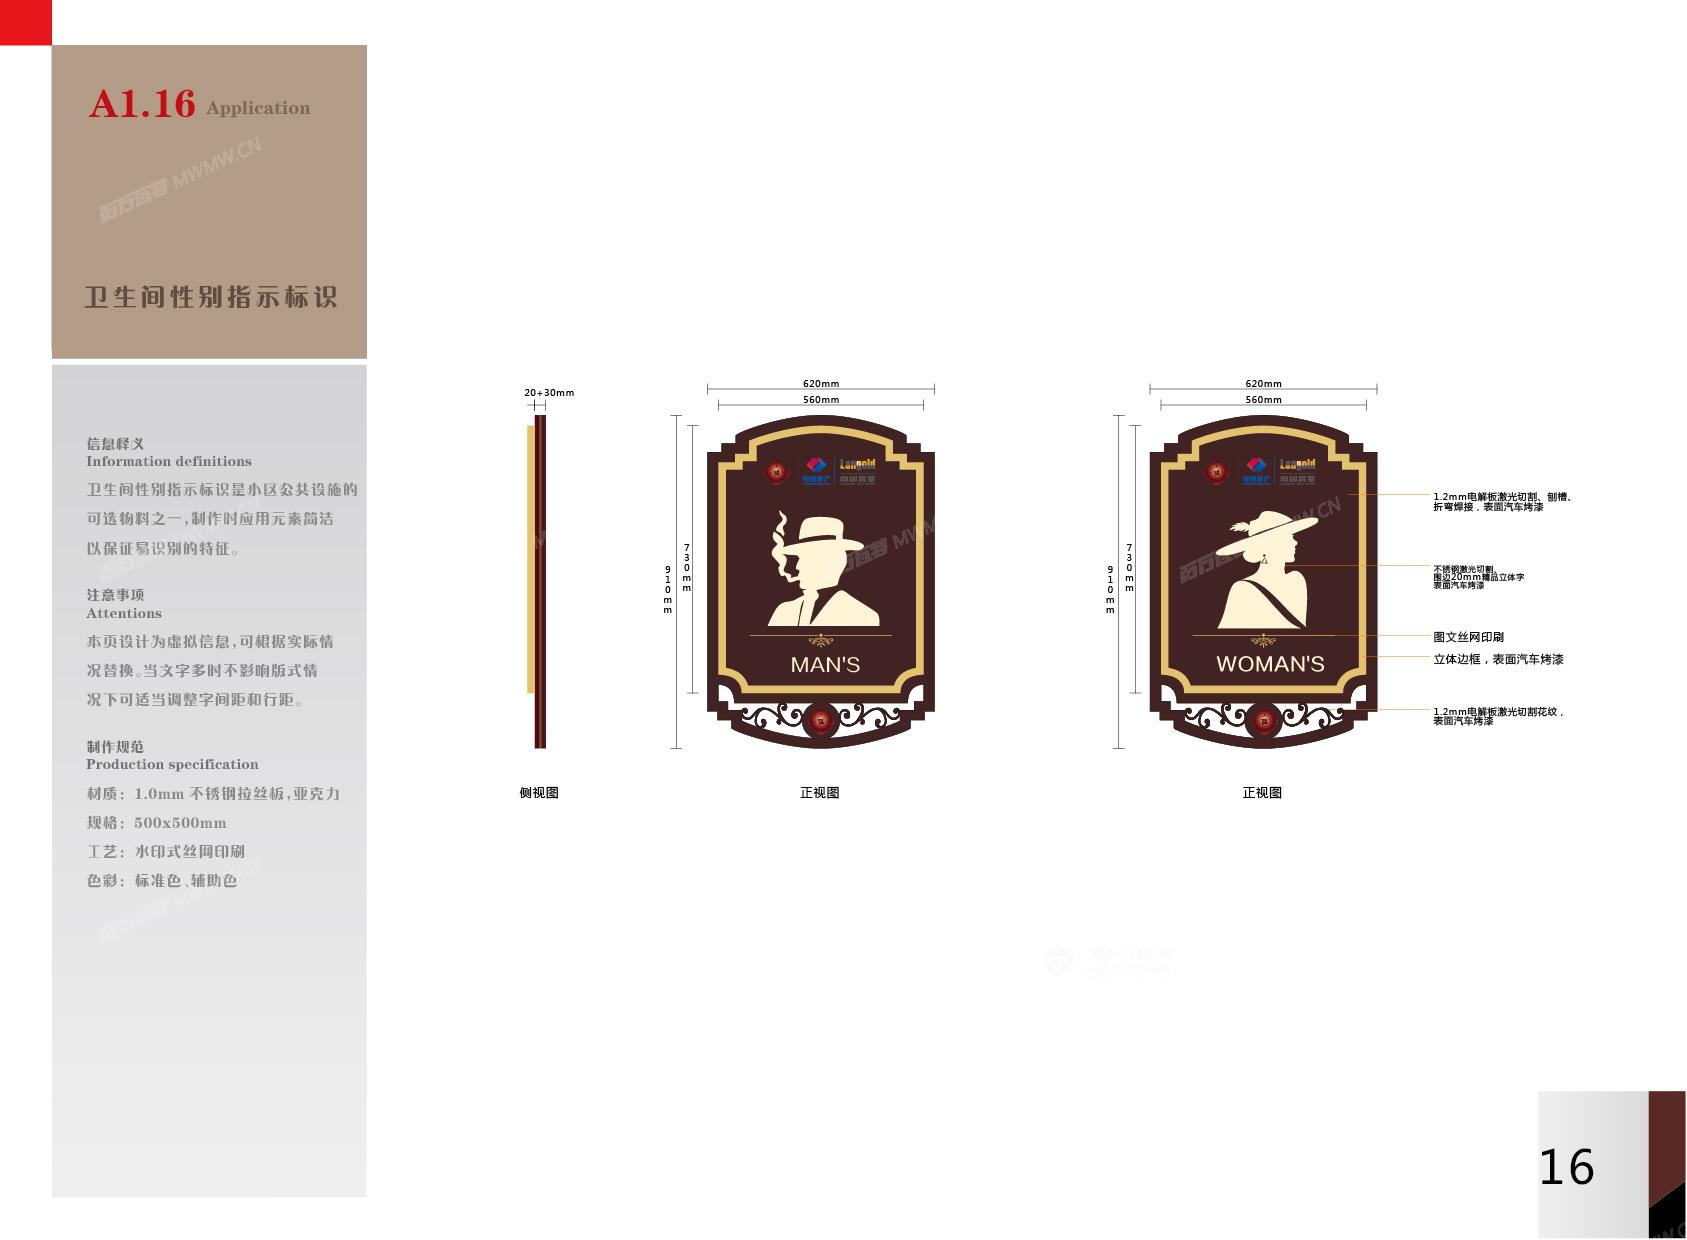 泷悦华府环境导视系统设计方案3.0cs520180112-15.jpg